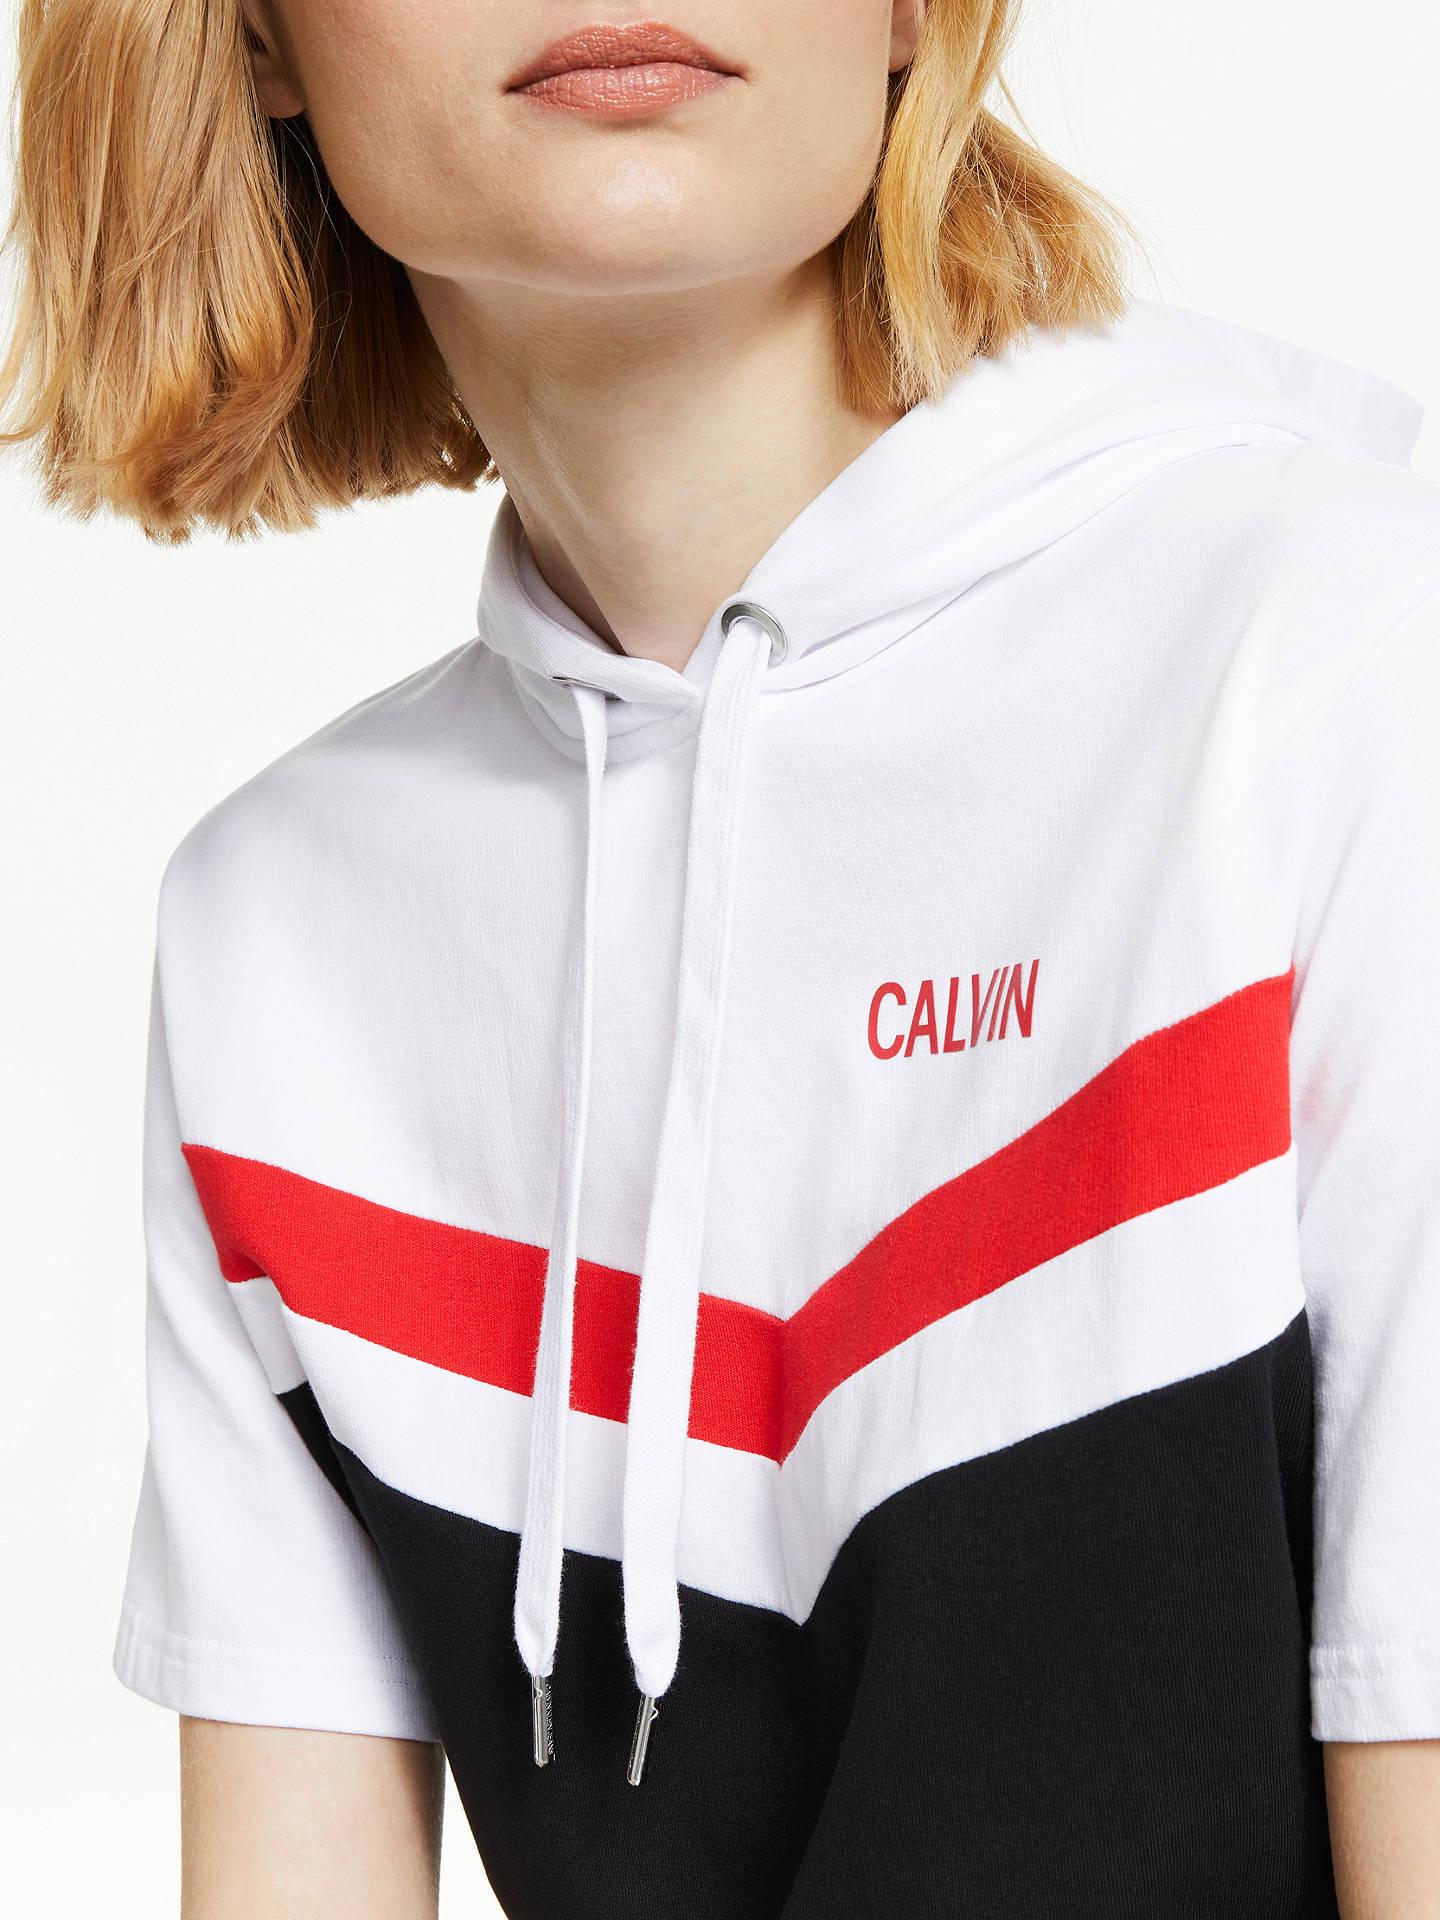 b57b4eb54a49 ... Buy Calvin Klein Jeans Cheerleader Colour Block Hooded Dress